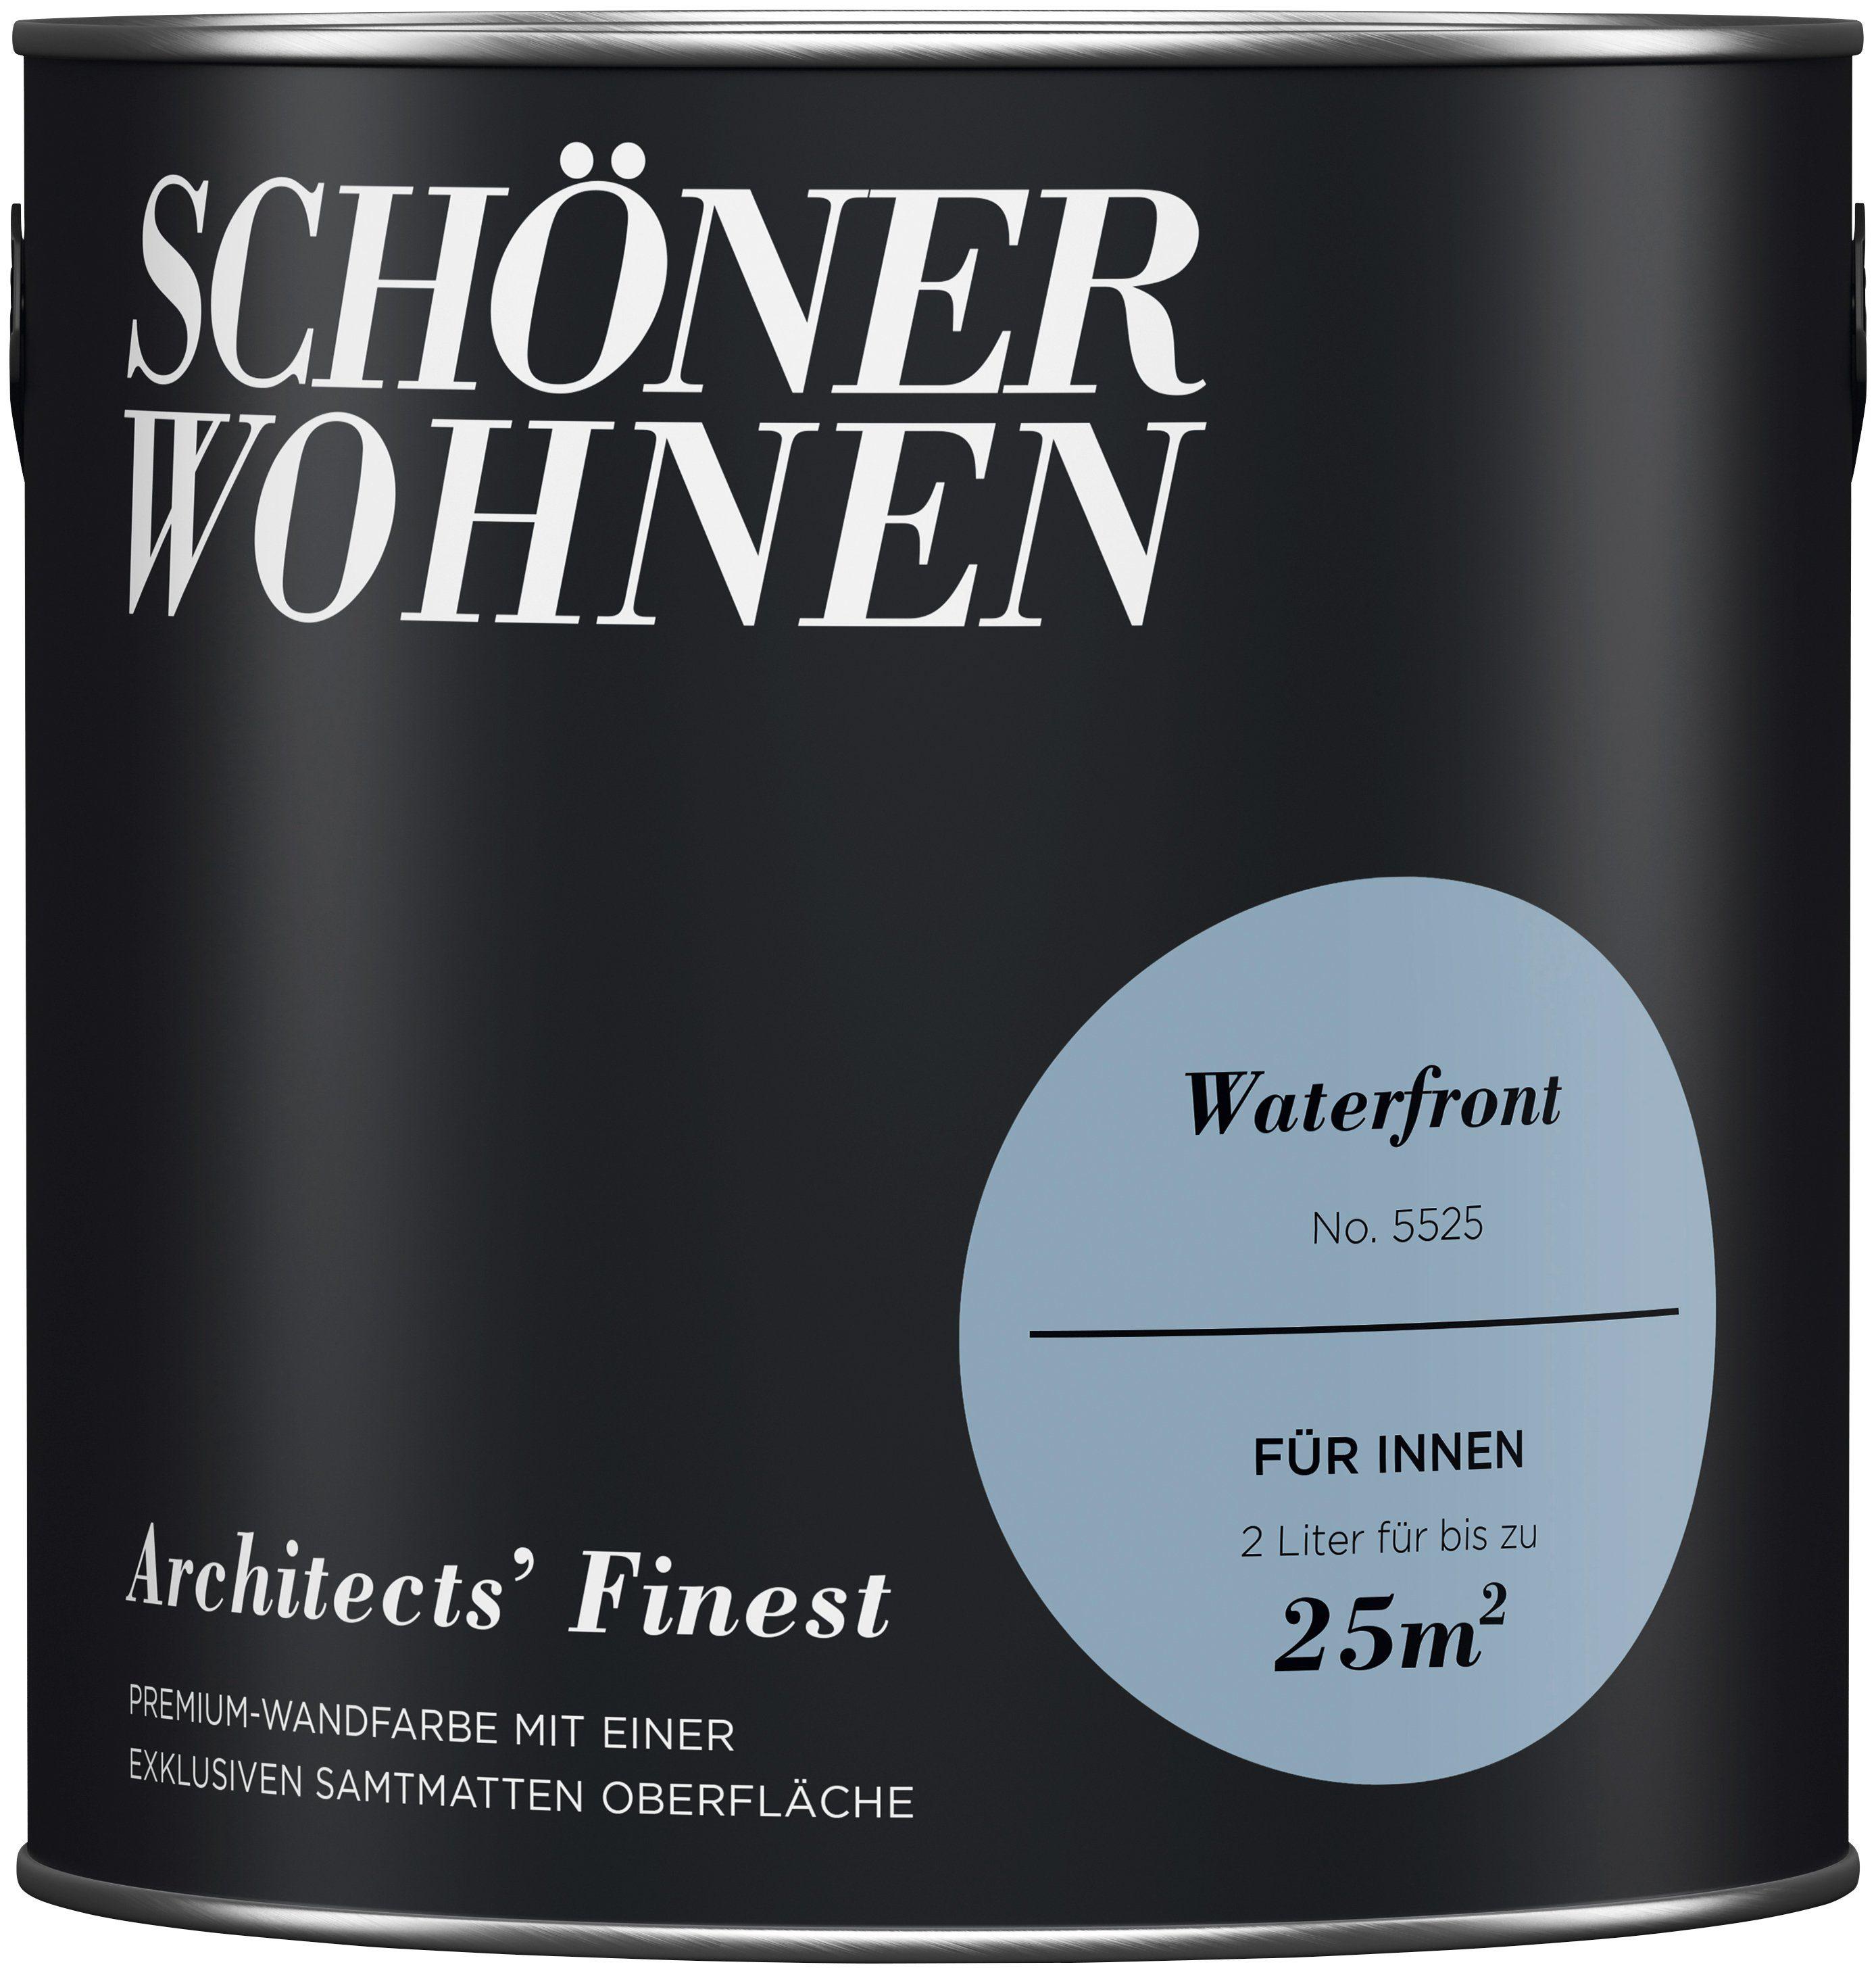 SCHÖNER WOHNEN-FARBE Wand- und Deckenfarbe »Architects' Finest«, Waterfront